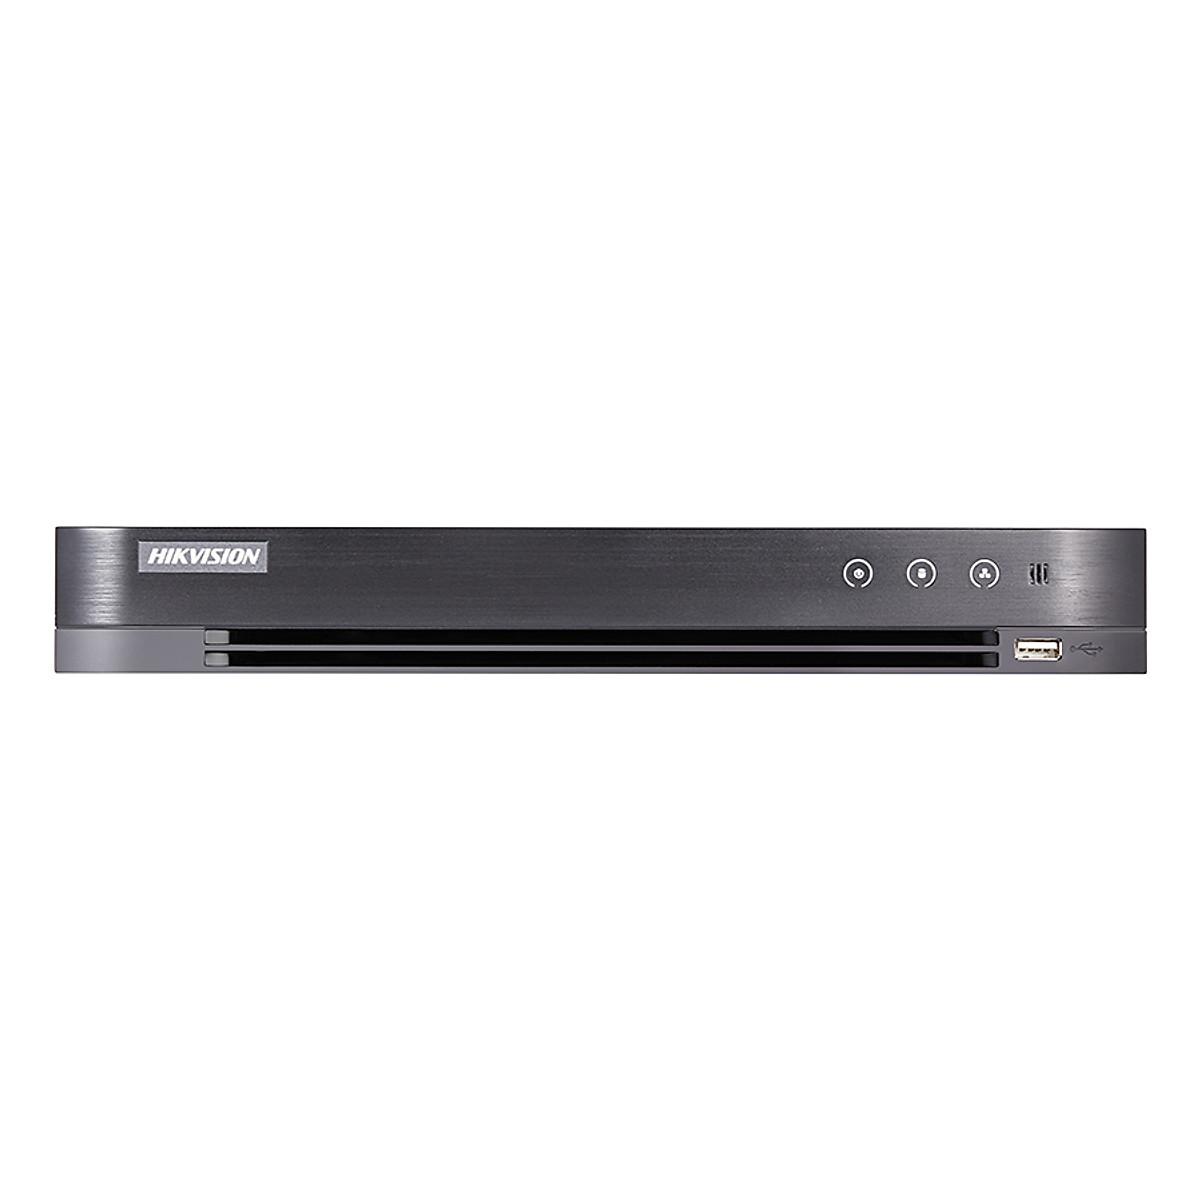 Đầu Ghi Hình Hikvision 8 Kênh HD-TVI 2.0 Mega Pixel/3.0 Mega Pixel DS-7208HQHI-K2 – Hàng Nhập Khẩu